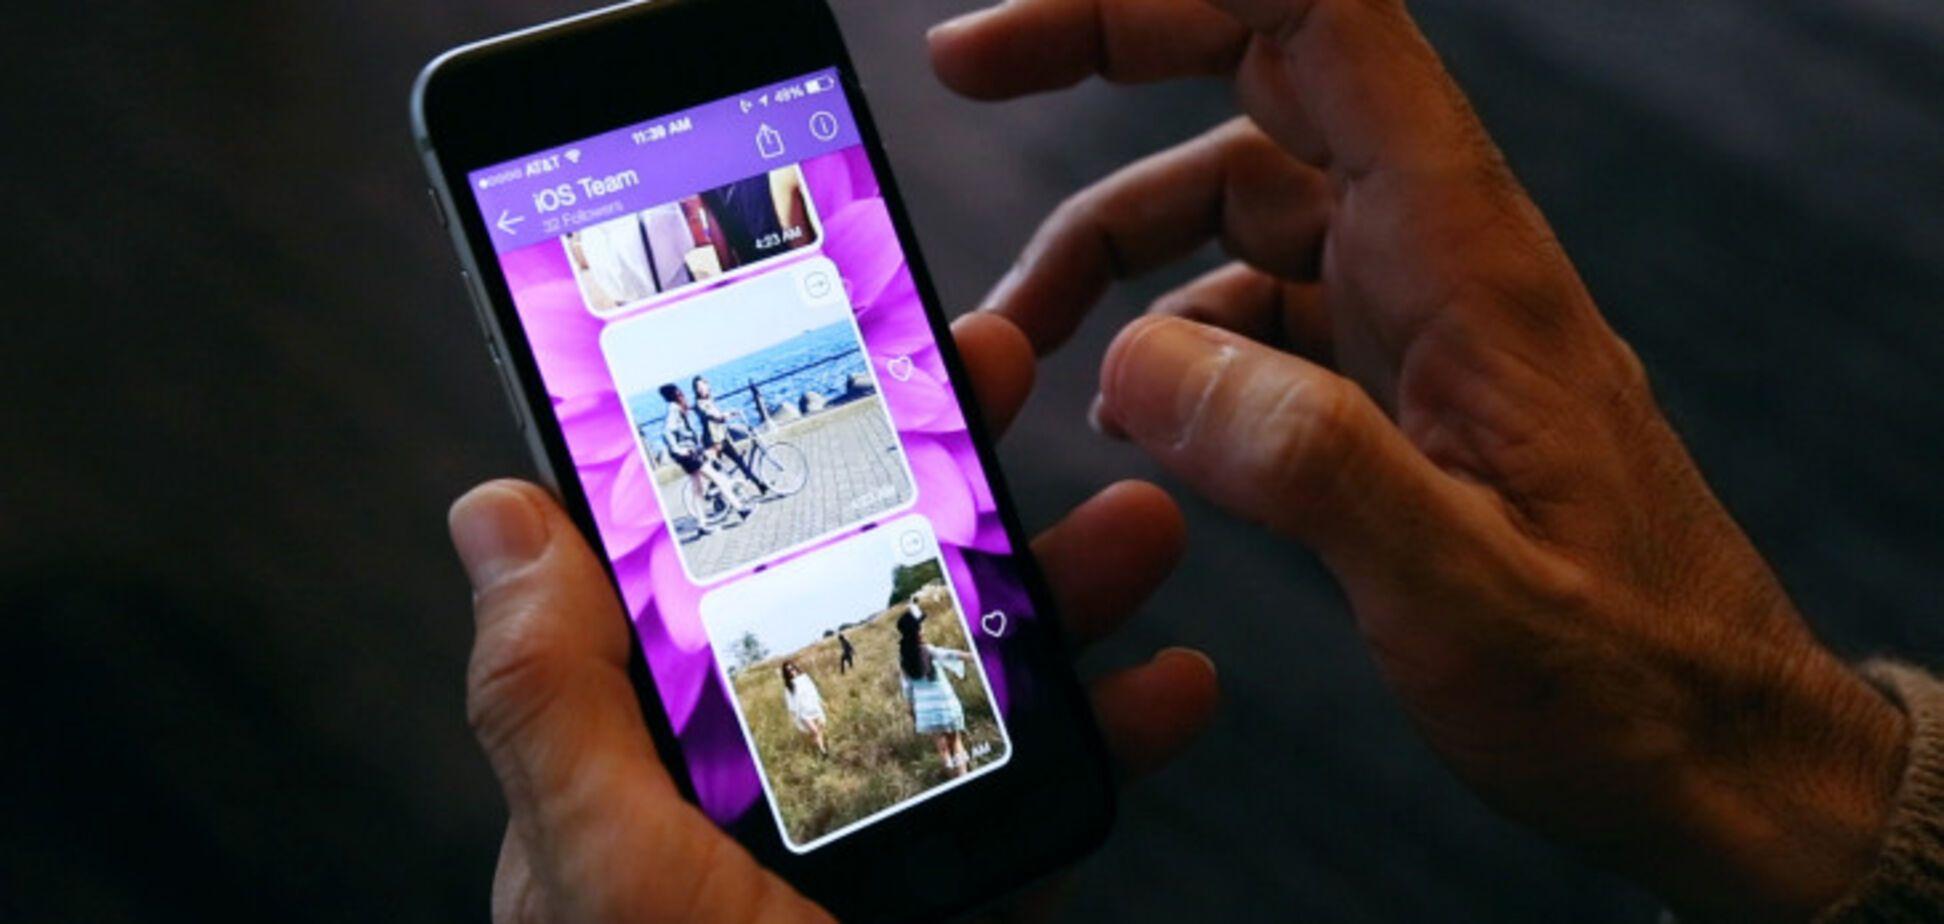 'Слава великому Ху...лу!' Росіяни в шоці від перебоїв в роботі Viber